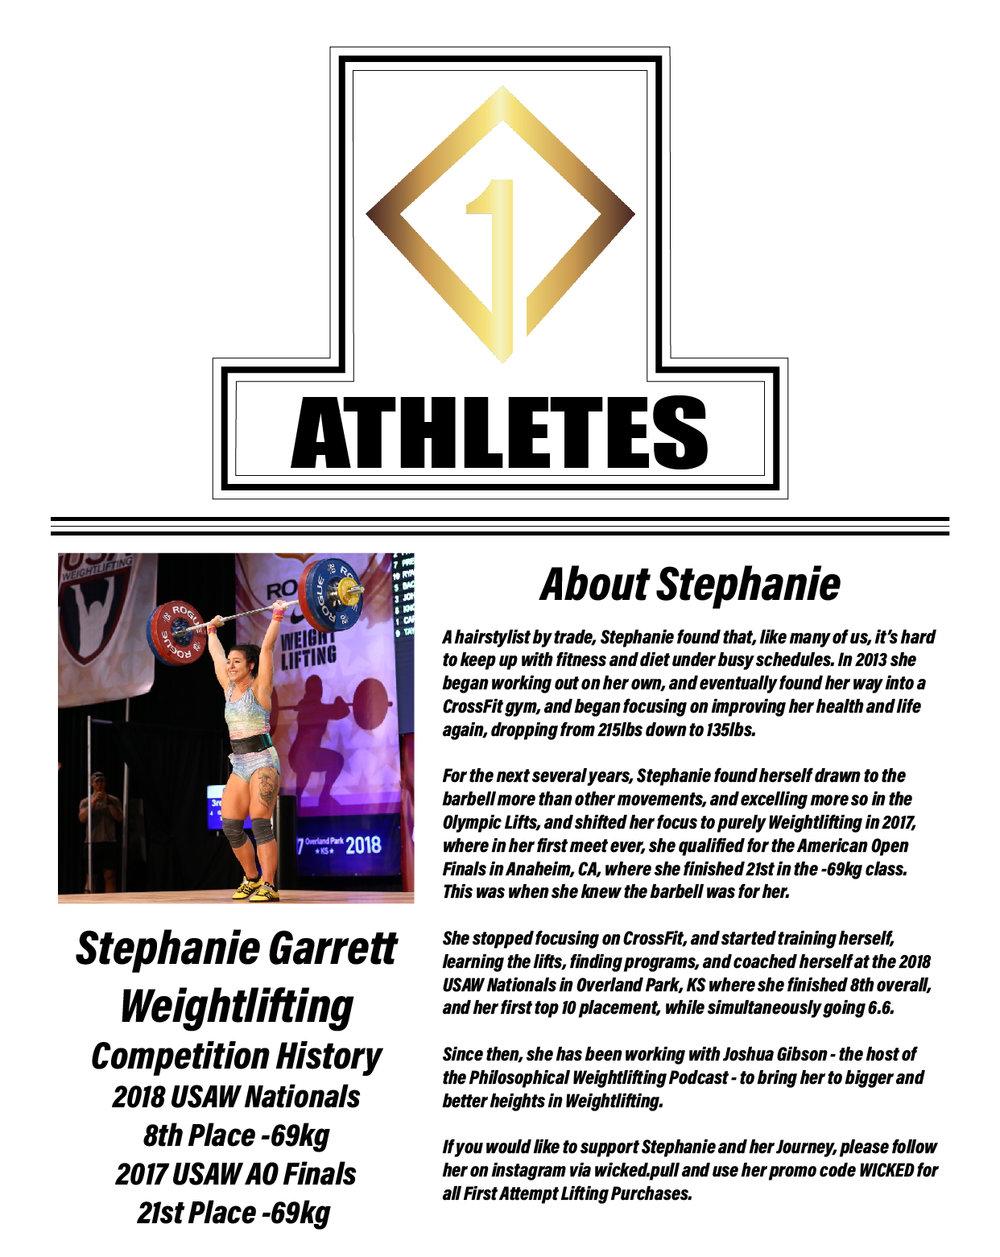 Athletes-01.jpg